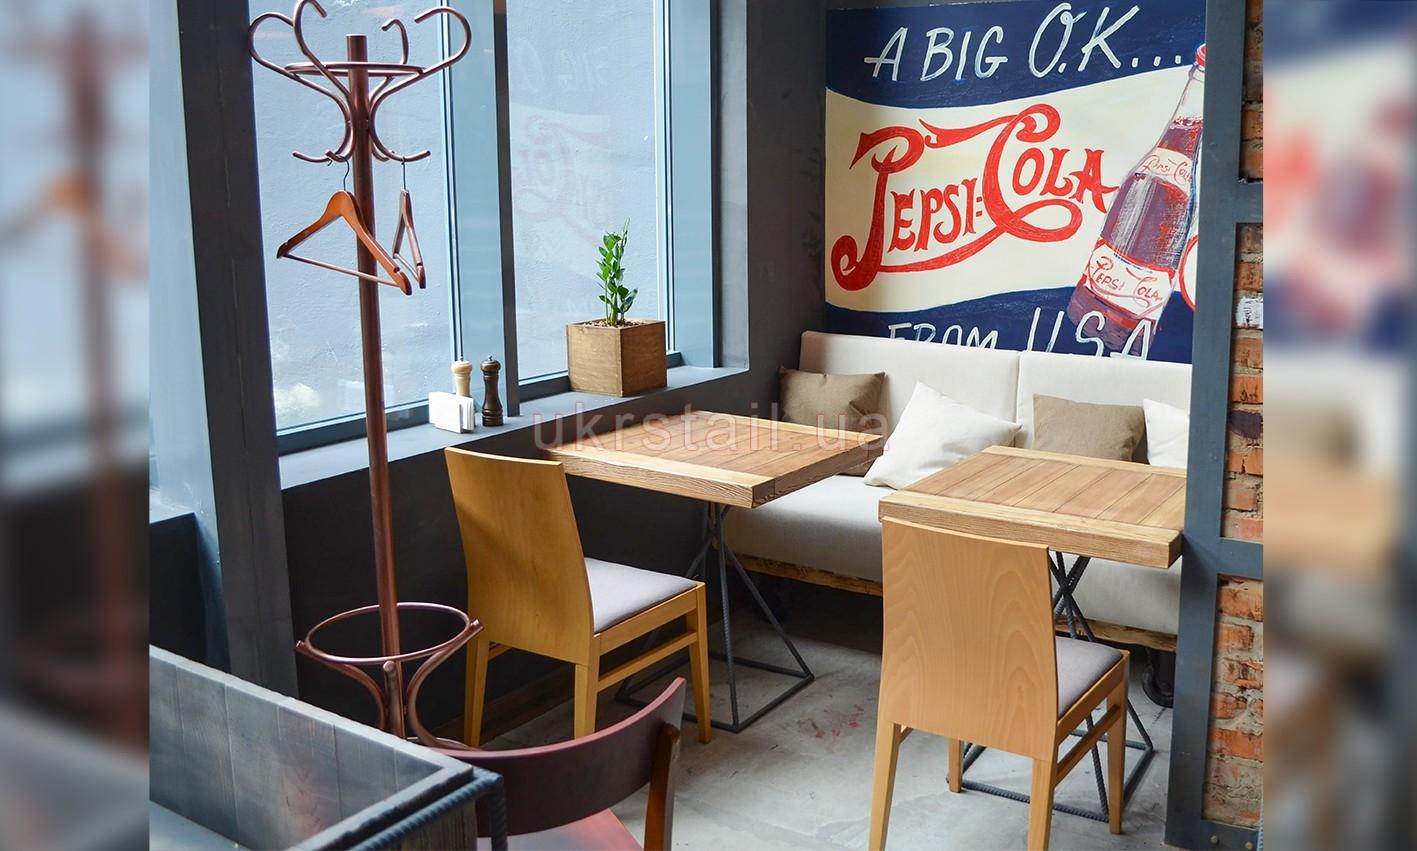 Мебель для ниши кафе Жадный Лось Киев 04